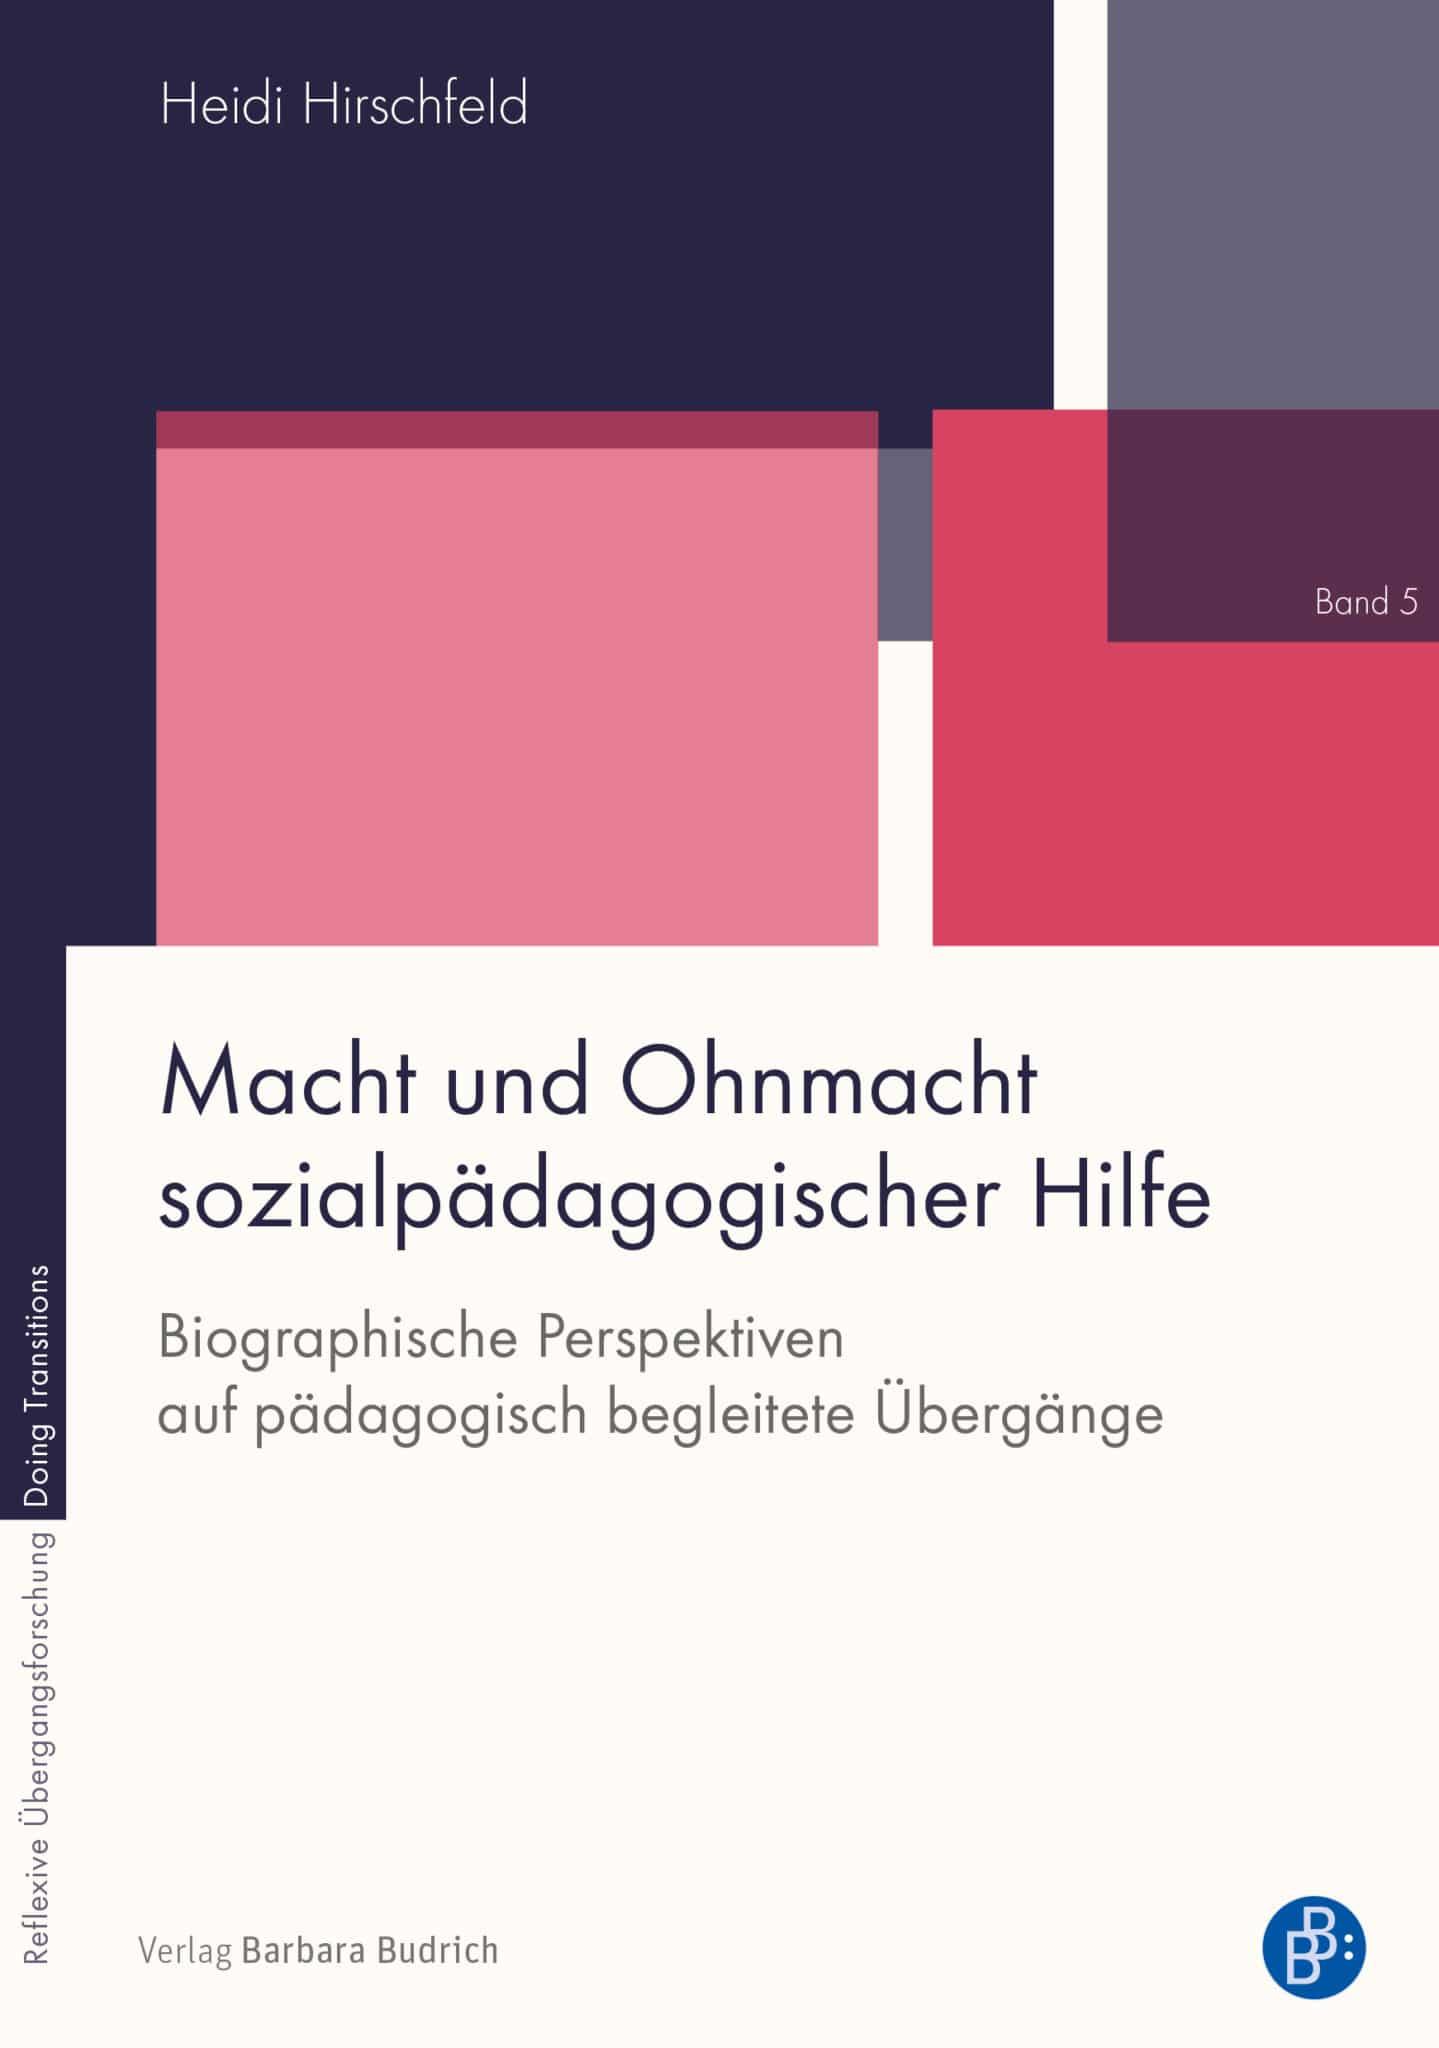 Hirschfeld, heidi: Macht und Ohnmacht sozialpädagogischer Hilfe. Biografische Perspektiven auf pädagogisch begleitete Übergänge. Verlag Barbara Budrich.